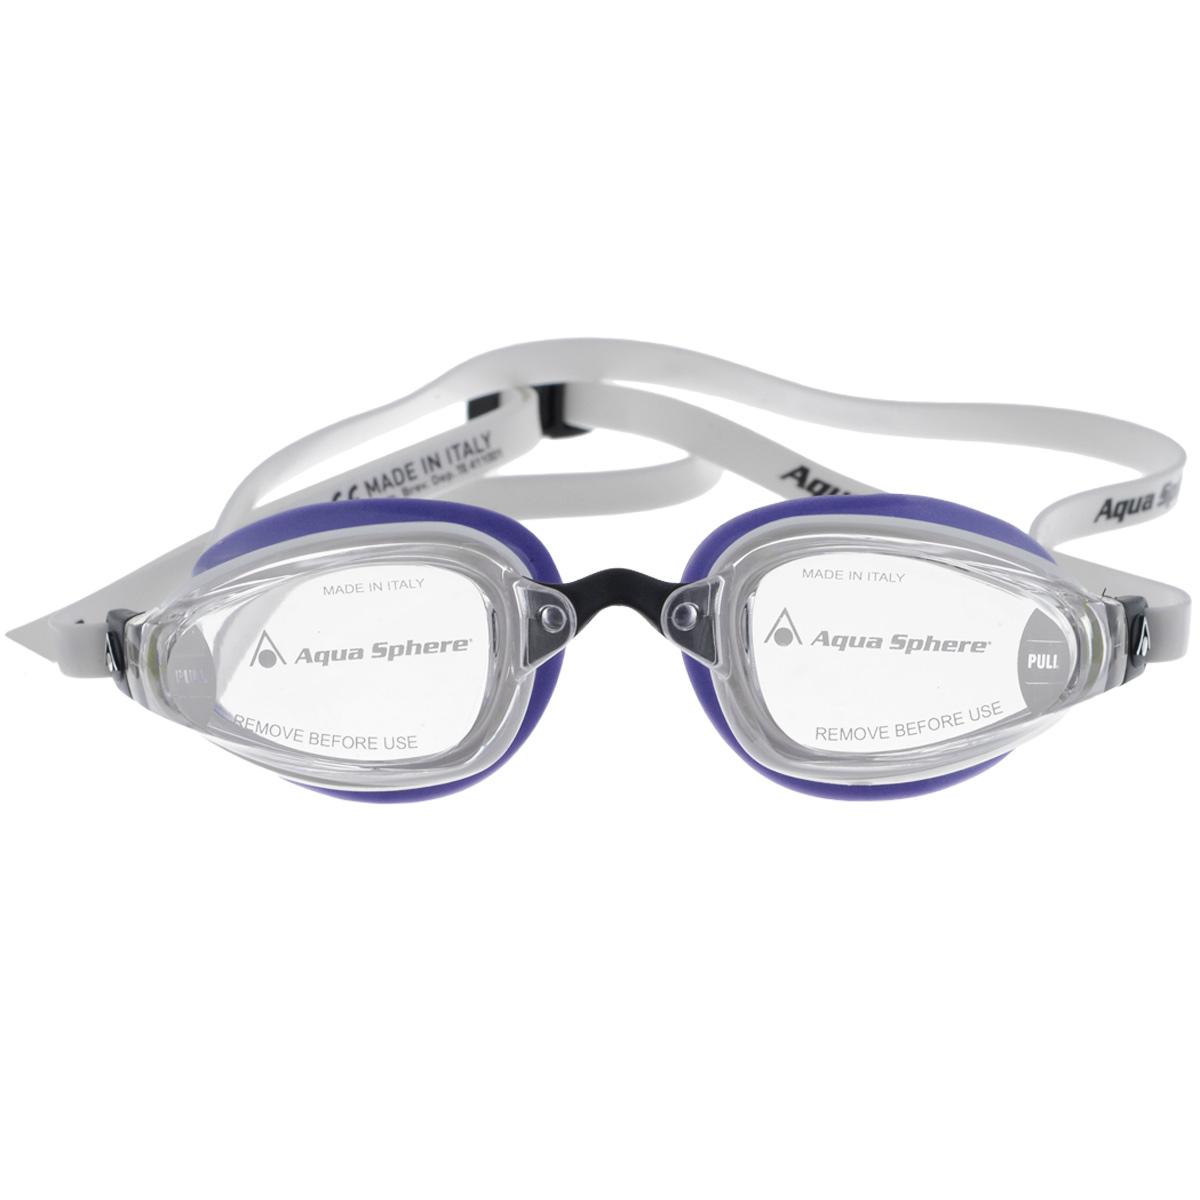 Очки для плавания Aqua Sphere K180 Lady, цвет: белый, лавандовыйTN 173420Aqua Sphere K180 Lady - это первые женские очки для скоростного плавания, обладающие панорамным обзором в 180°, который достигается благодаря очень близкому расположению линз к глазам. Благодаря сменным перемычкам можно менять расстояние между линзами. Очки дают 100% защиту от ультрафиолетового излучения.В комплекте 3 сменных перемычки.